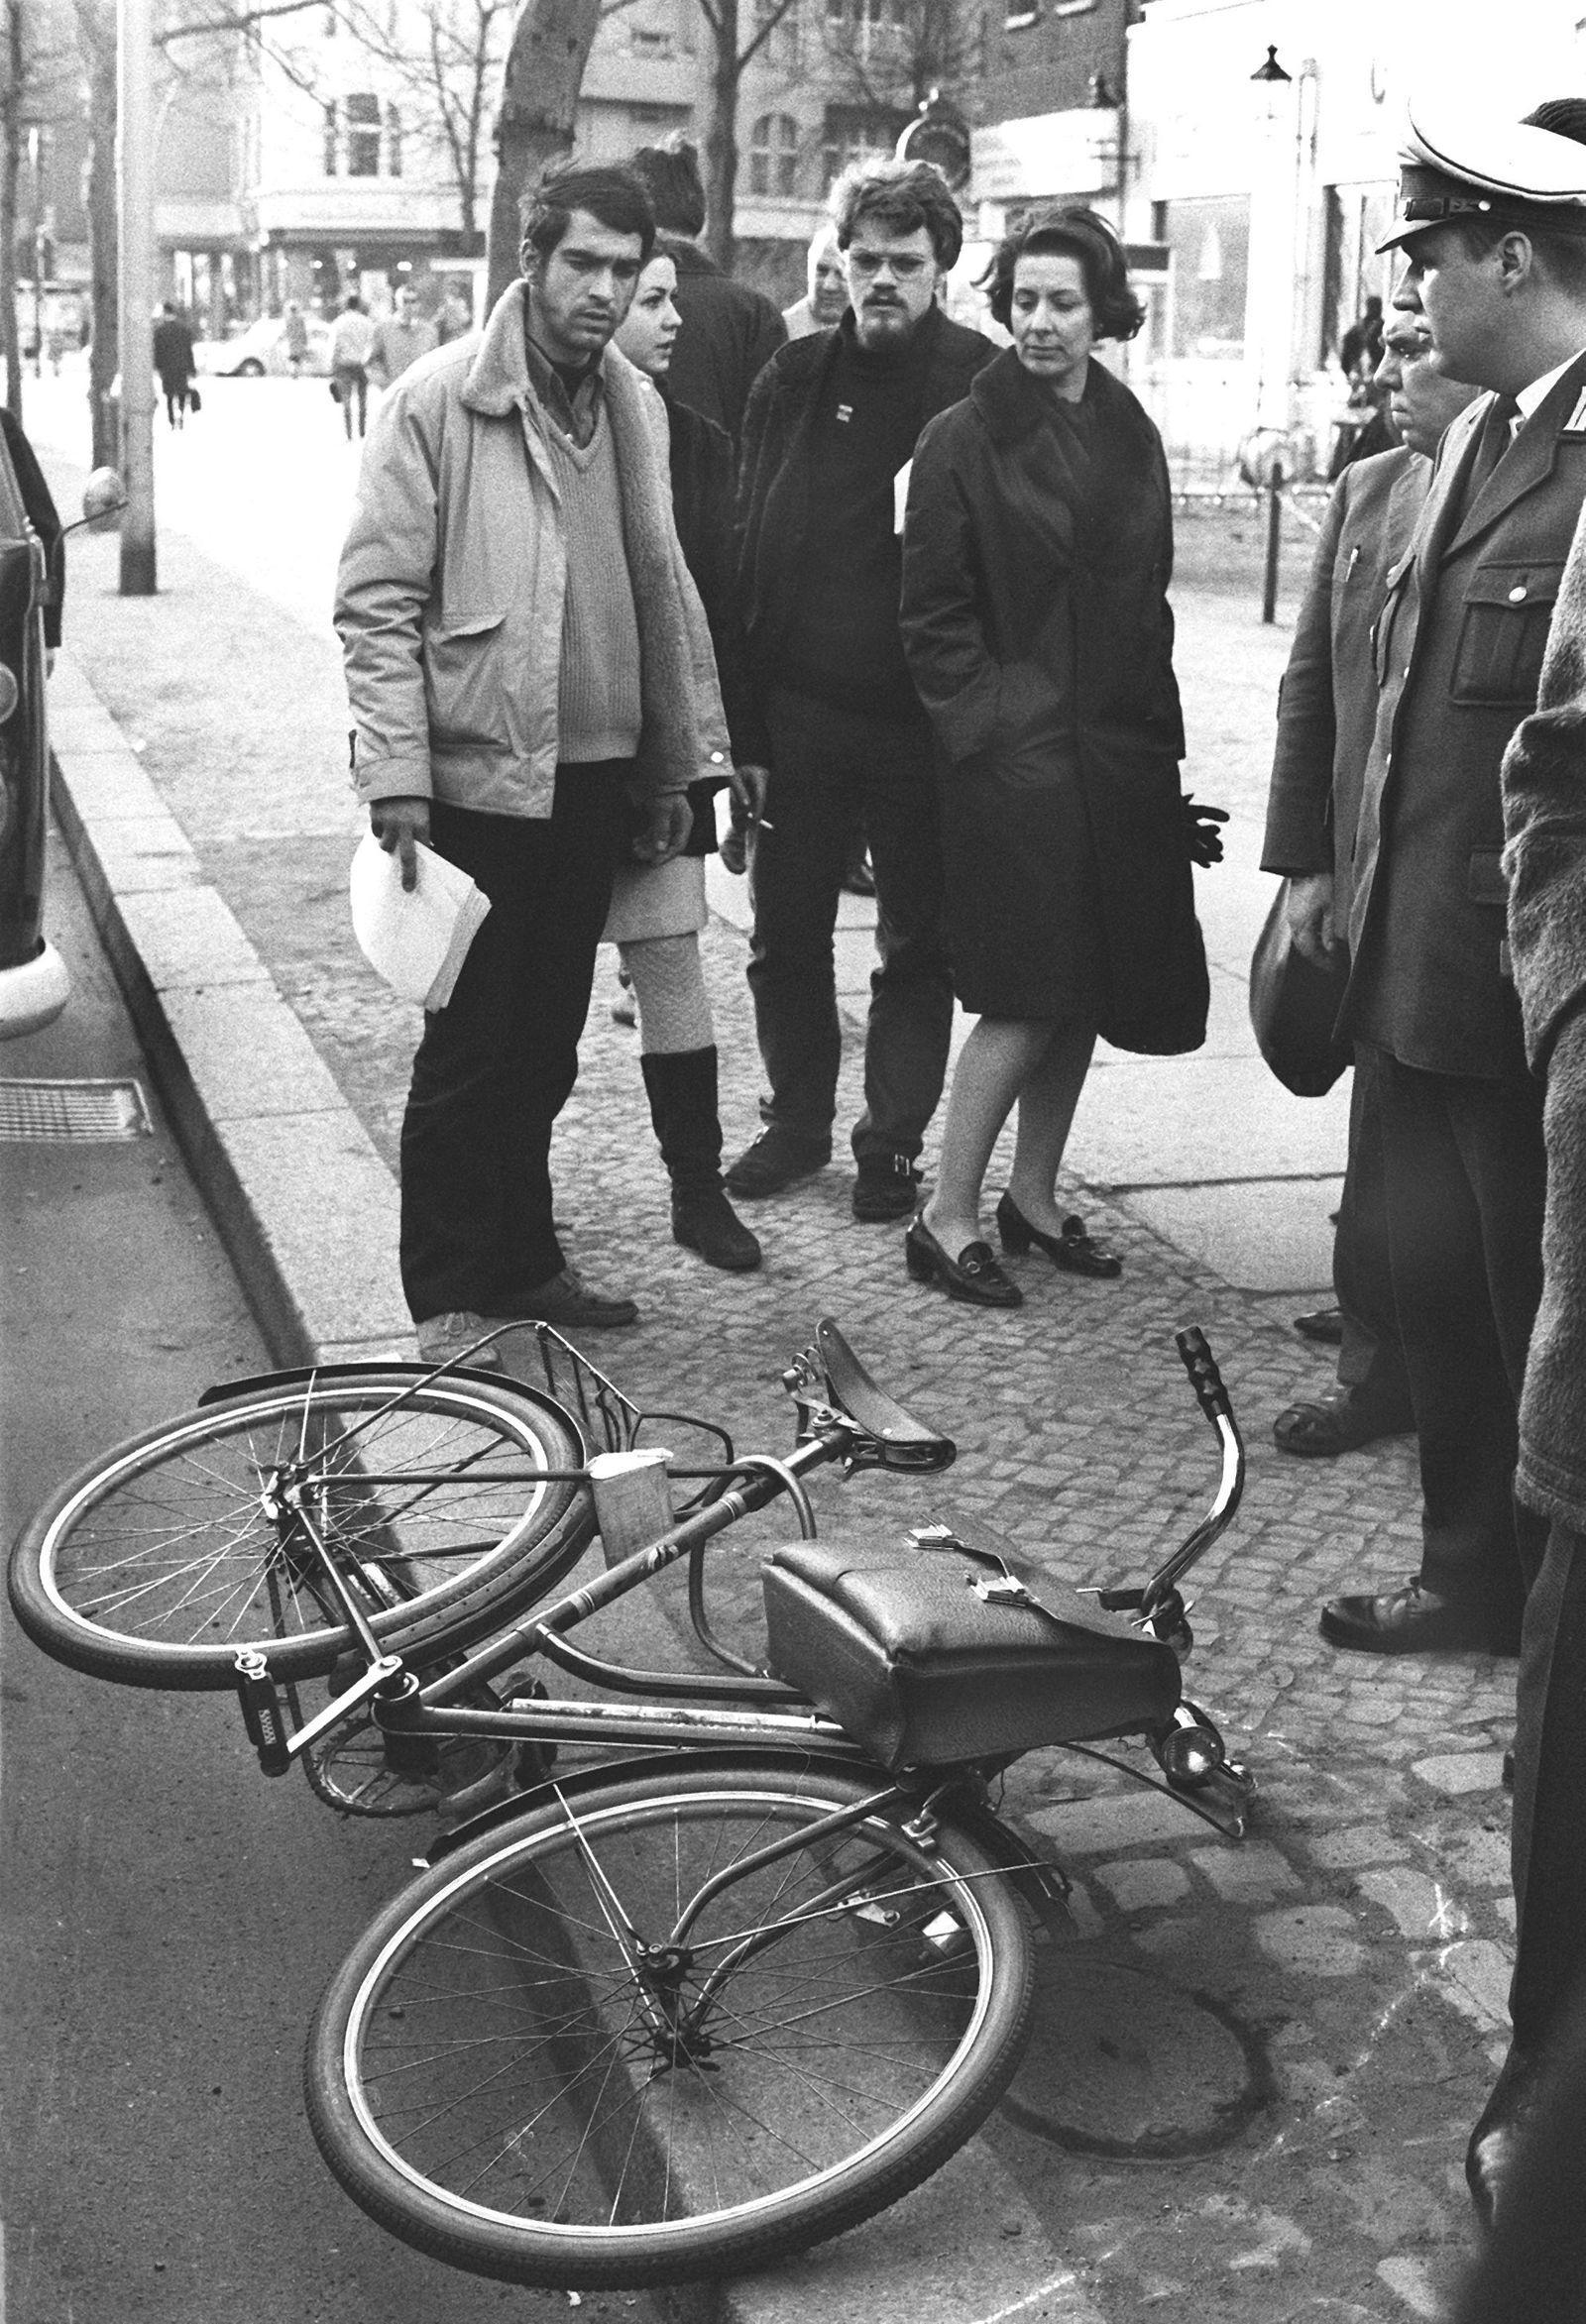 Das Jahr 1968 - Attentat auf Rudi Dutschke